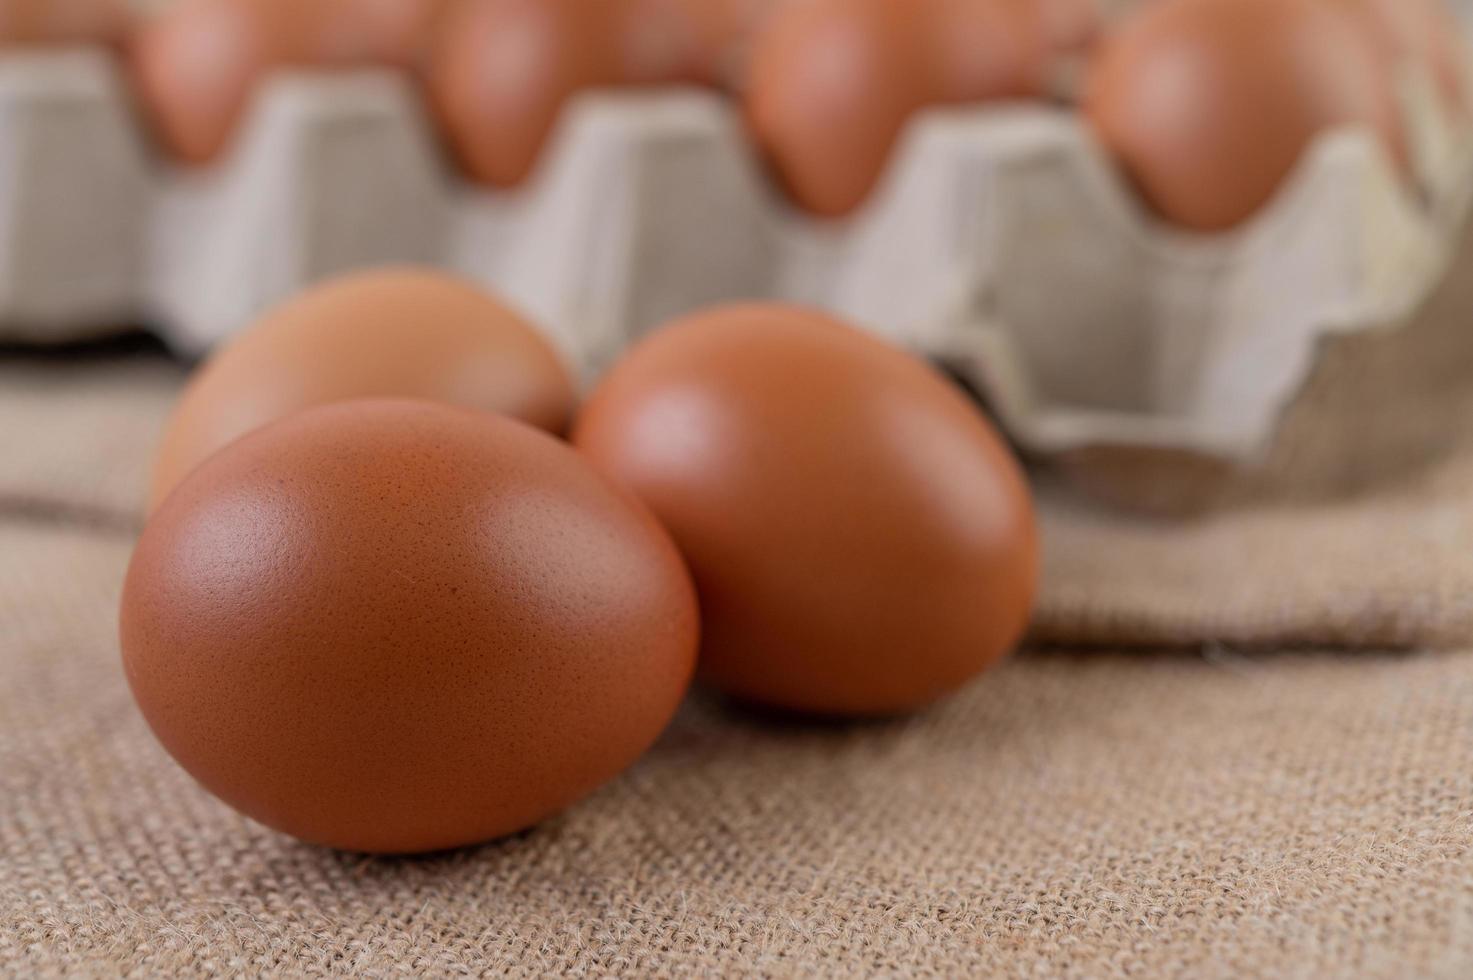 uova di gallina biologiche crude foto